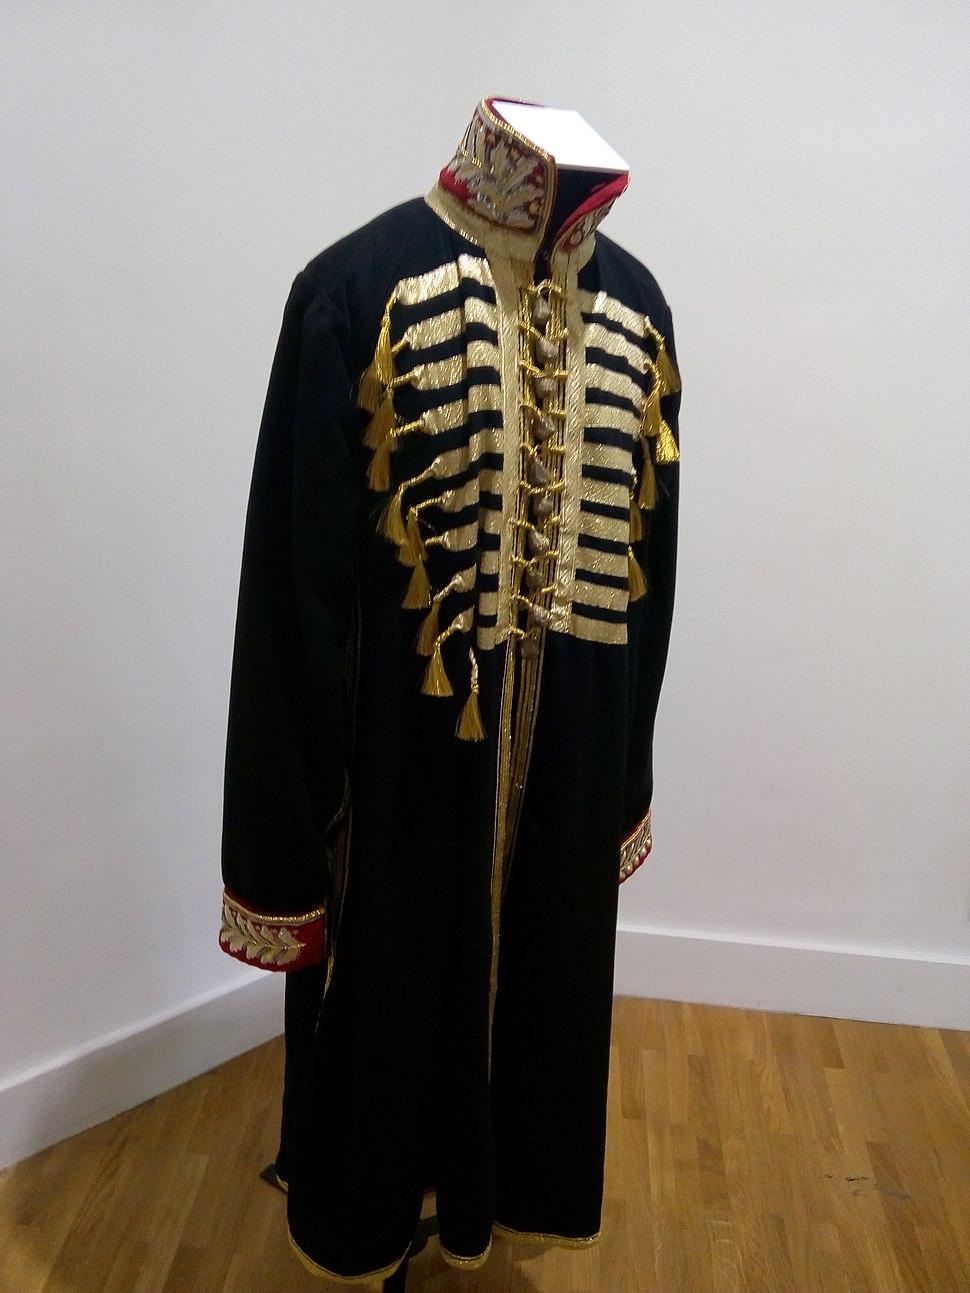 Uniform of Karadjordje Petrović